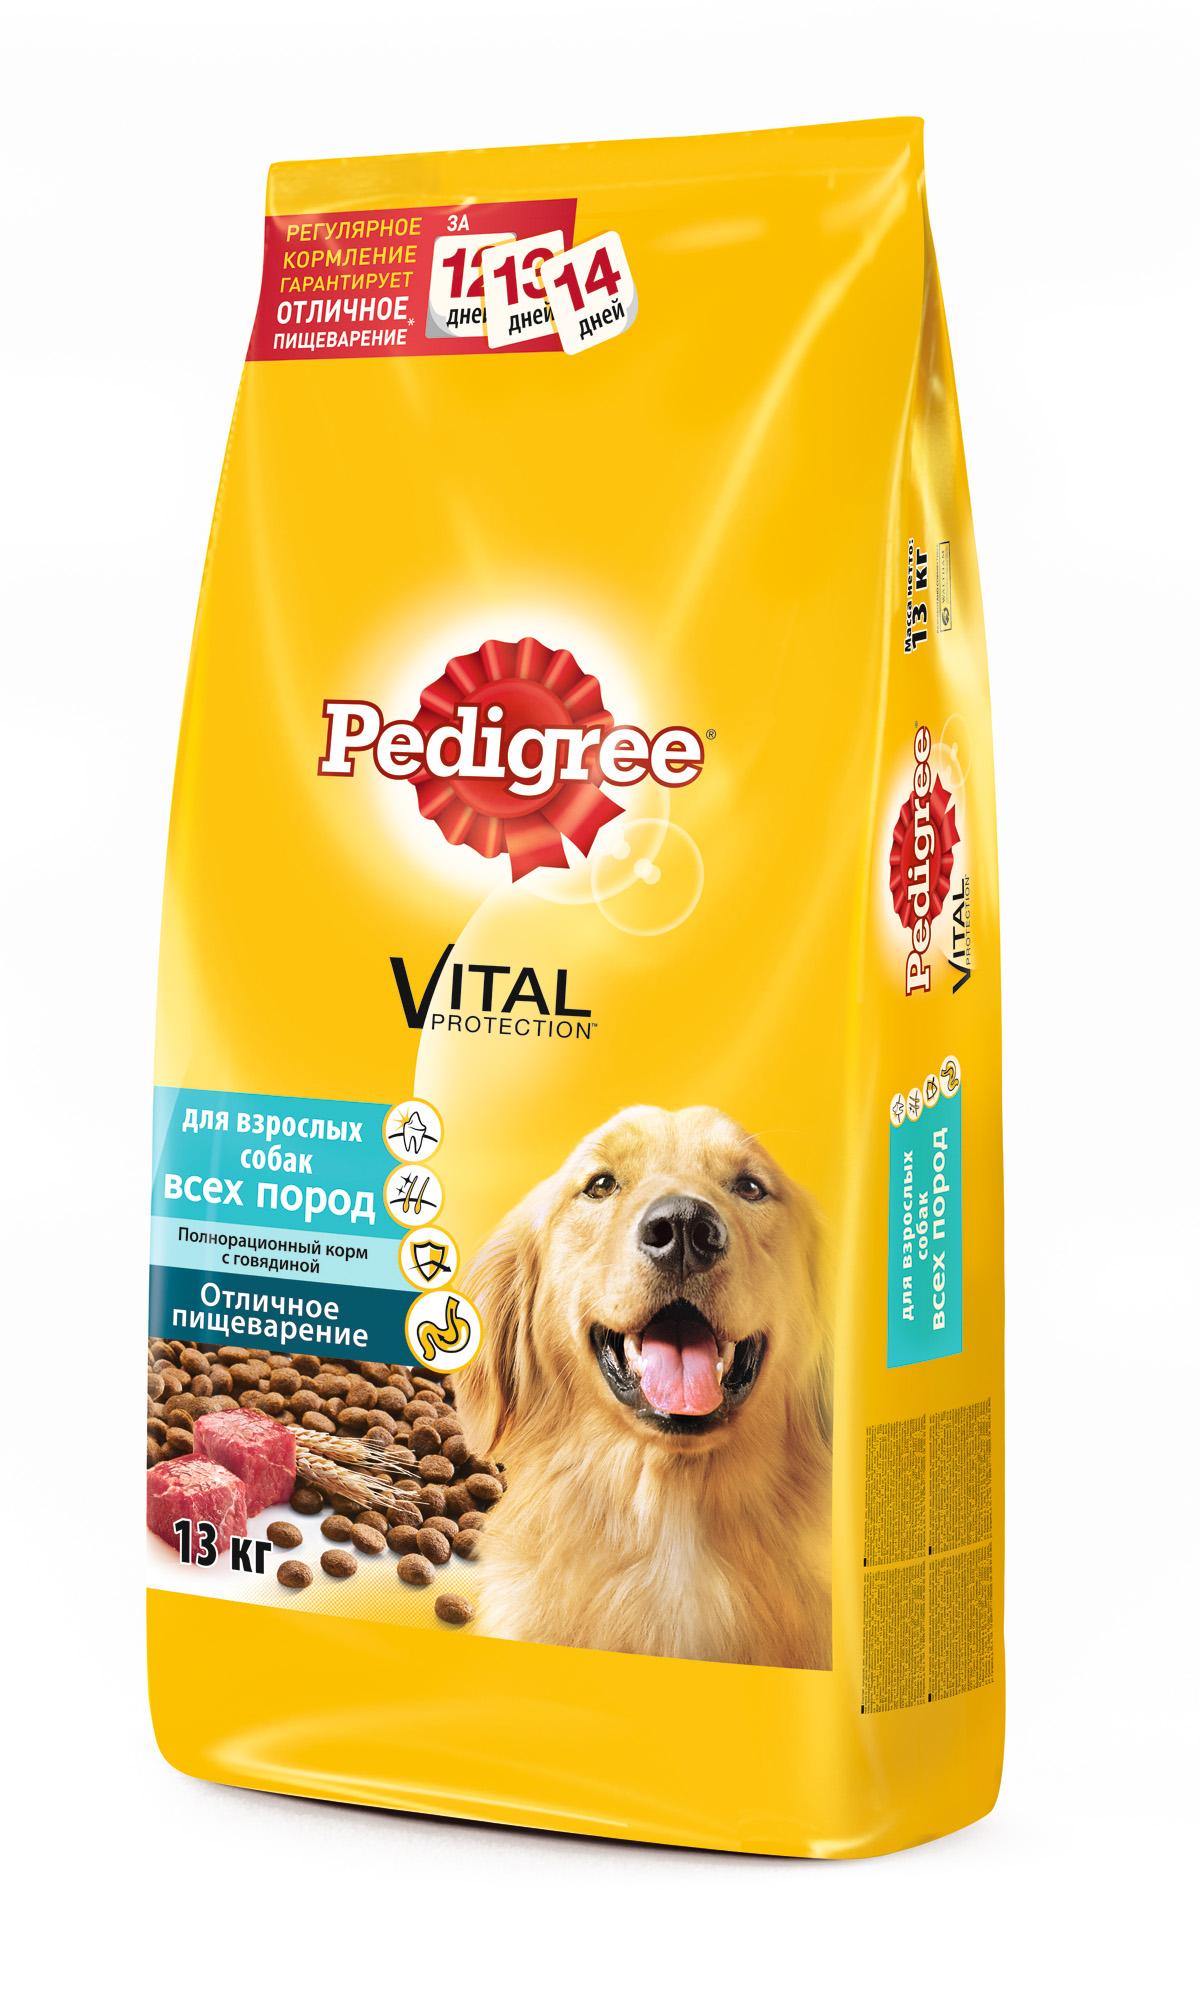 Корм сухой Pedigree для взрослых собак всех пород, с говядиной, 13 кг0120710Сухой рацион Pedigree - это полезный и вкусный корм, приготовленный по специальным рецептам с учетом физиологических потребностей собак.Особенности сухого корма Pedigree:оптимальный уровень кальция способствует укреплению зубов;ланолевая кислота, цинк и витамины группы В необходимы для здоровья кожи и шерсти;витамин Е и цинк поддерживают иммунную систему;высокоусвояемые ингредиенты и клетчатка обеспечивают оптимальное пищеварение. Состав: кукуруза, рис, куриная мука, кукурузный глютен, мясная мука (в том числе говядина минимум 4%), свекольный жом, морковь (минимум 4%), подсолнечное масло, жир животный, витамины и минералы.Пищевая ценность в 100 г: белки - 22 г, жиры - 11 г, зола - 7 г, клетчатка - 5 г, влажность - не более 10 г, кальций - 1,0 г, фосфор - 0,9 г, натрий - 0,3 г, калий - 0,58 г, магний - 0,1 г, цинк - 18 мг, медь - 1,5 мг, витамин А - 1500 МЕ, витамин Е - 30 мг, витамин D3 - 120 МЕ, а также витамины В2, В4, В5, В12, ниацин, омега-6, омега-3, полиненасыщенные жирные кислоты. Энергетическая ценность в 100 г: 355 ккал.Вес: 13 кг.Товар сертифицирован.